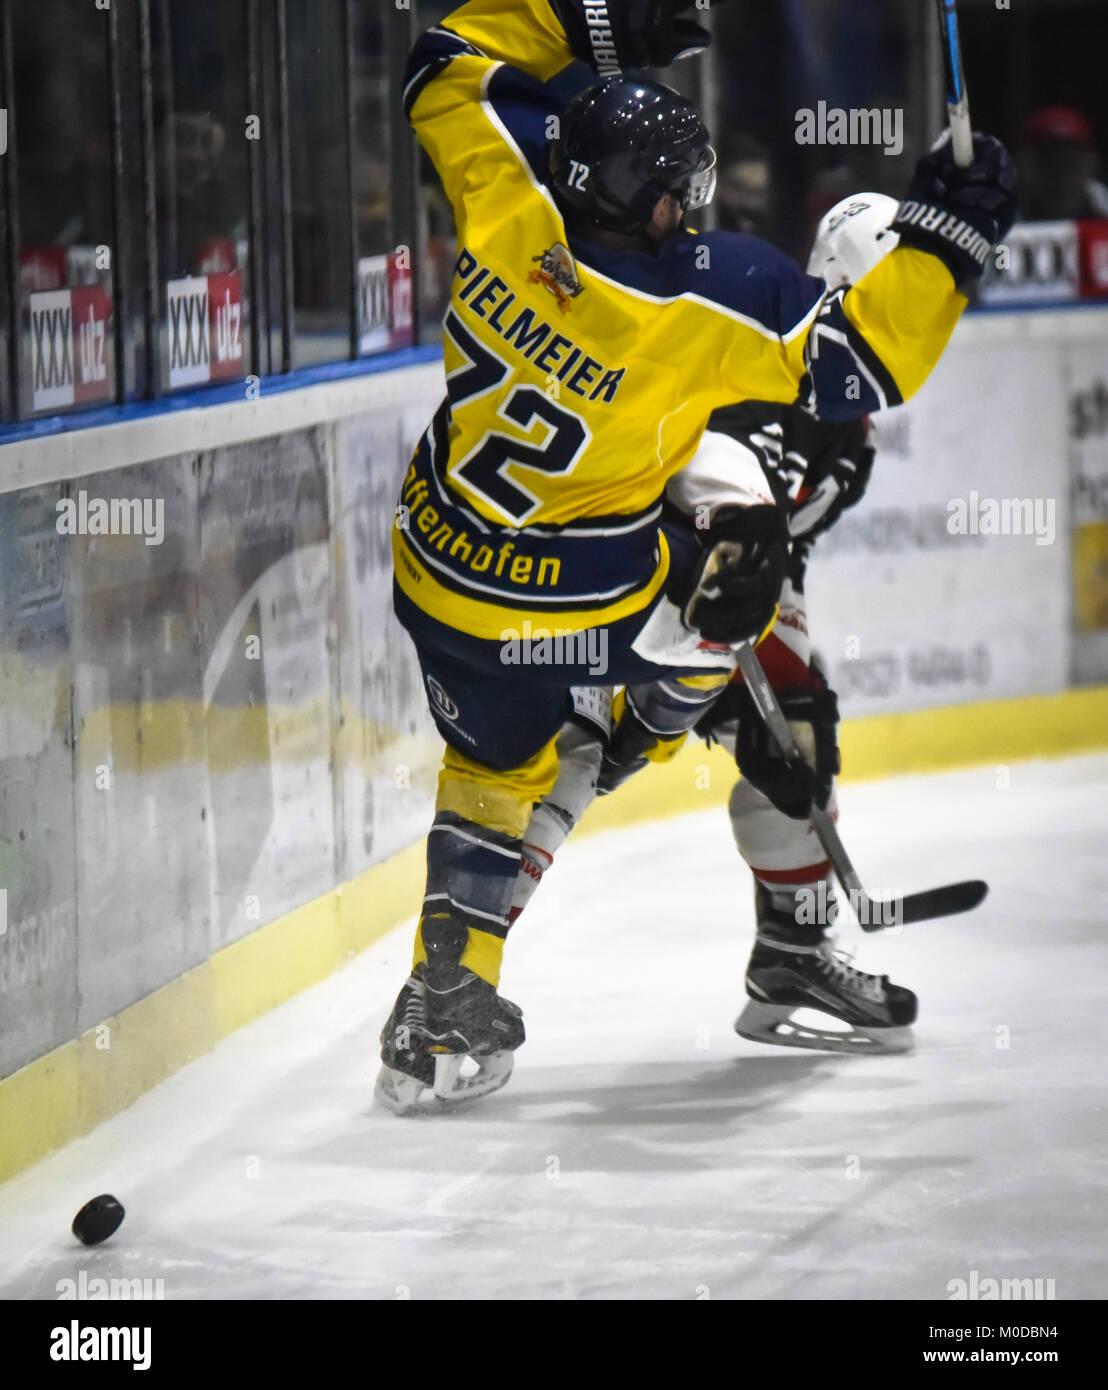 Deutschland, Haufurt, Stadion am Gro§en Anger, 19.01.2018, Eishockey - Bayernliga - Playoffs 17/18 - ESC Haufurt - Stock Image